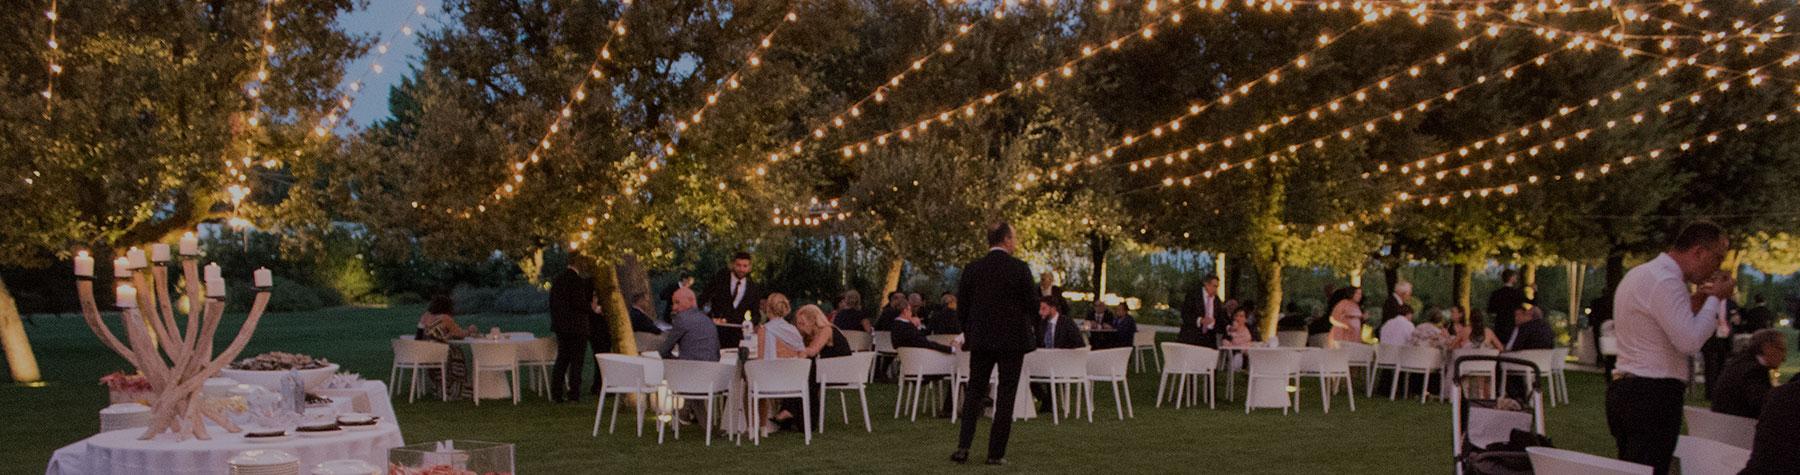 Matrimonio in autunno: consigli e tendenze